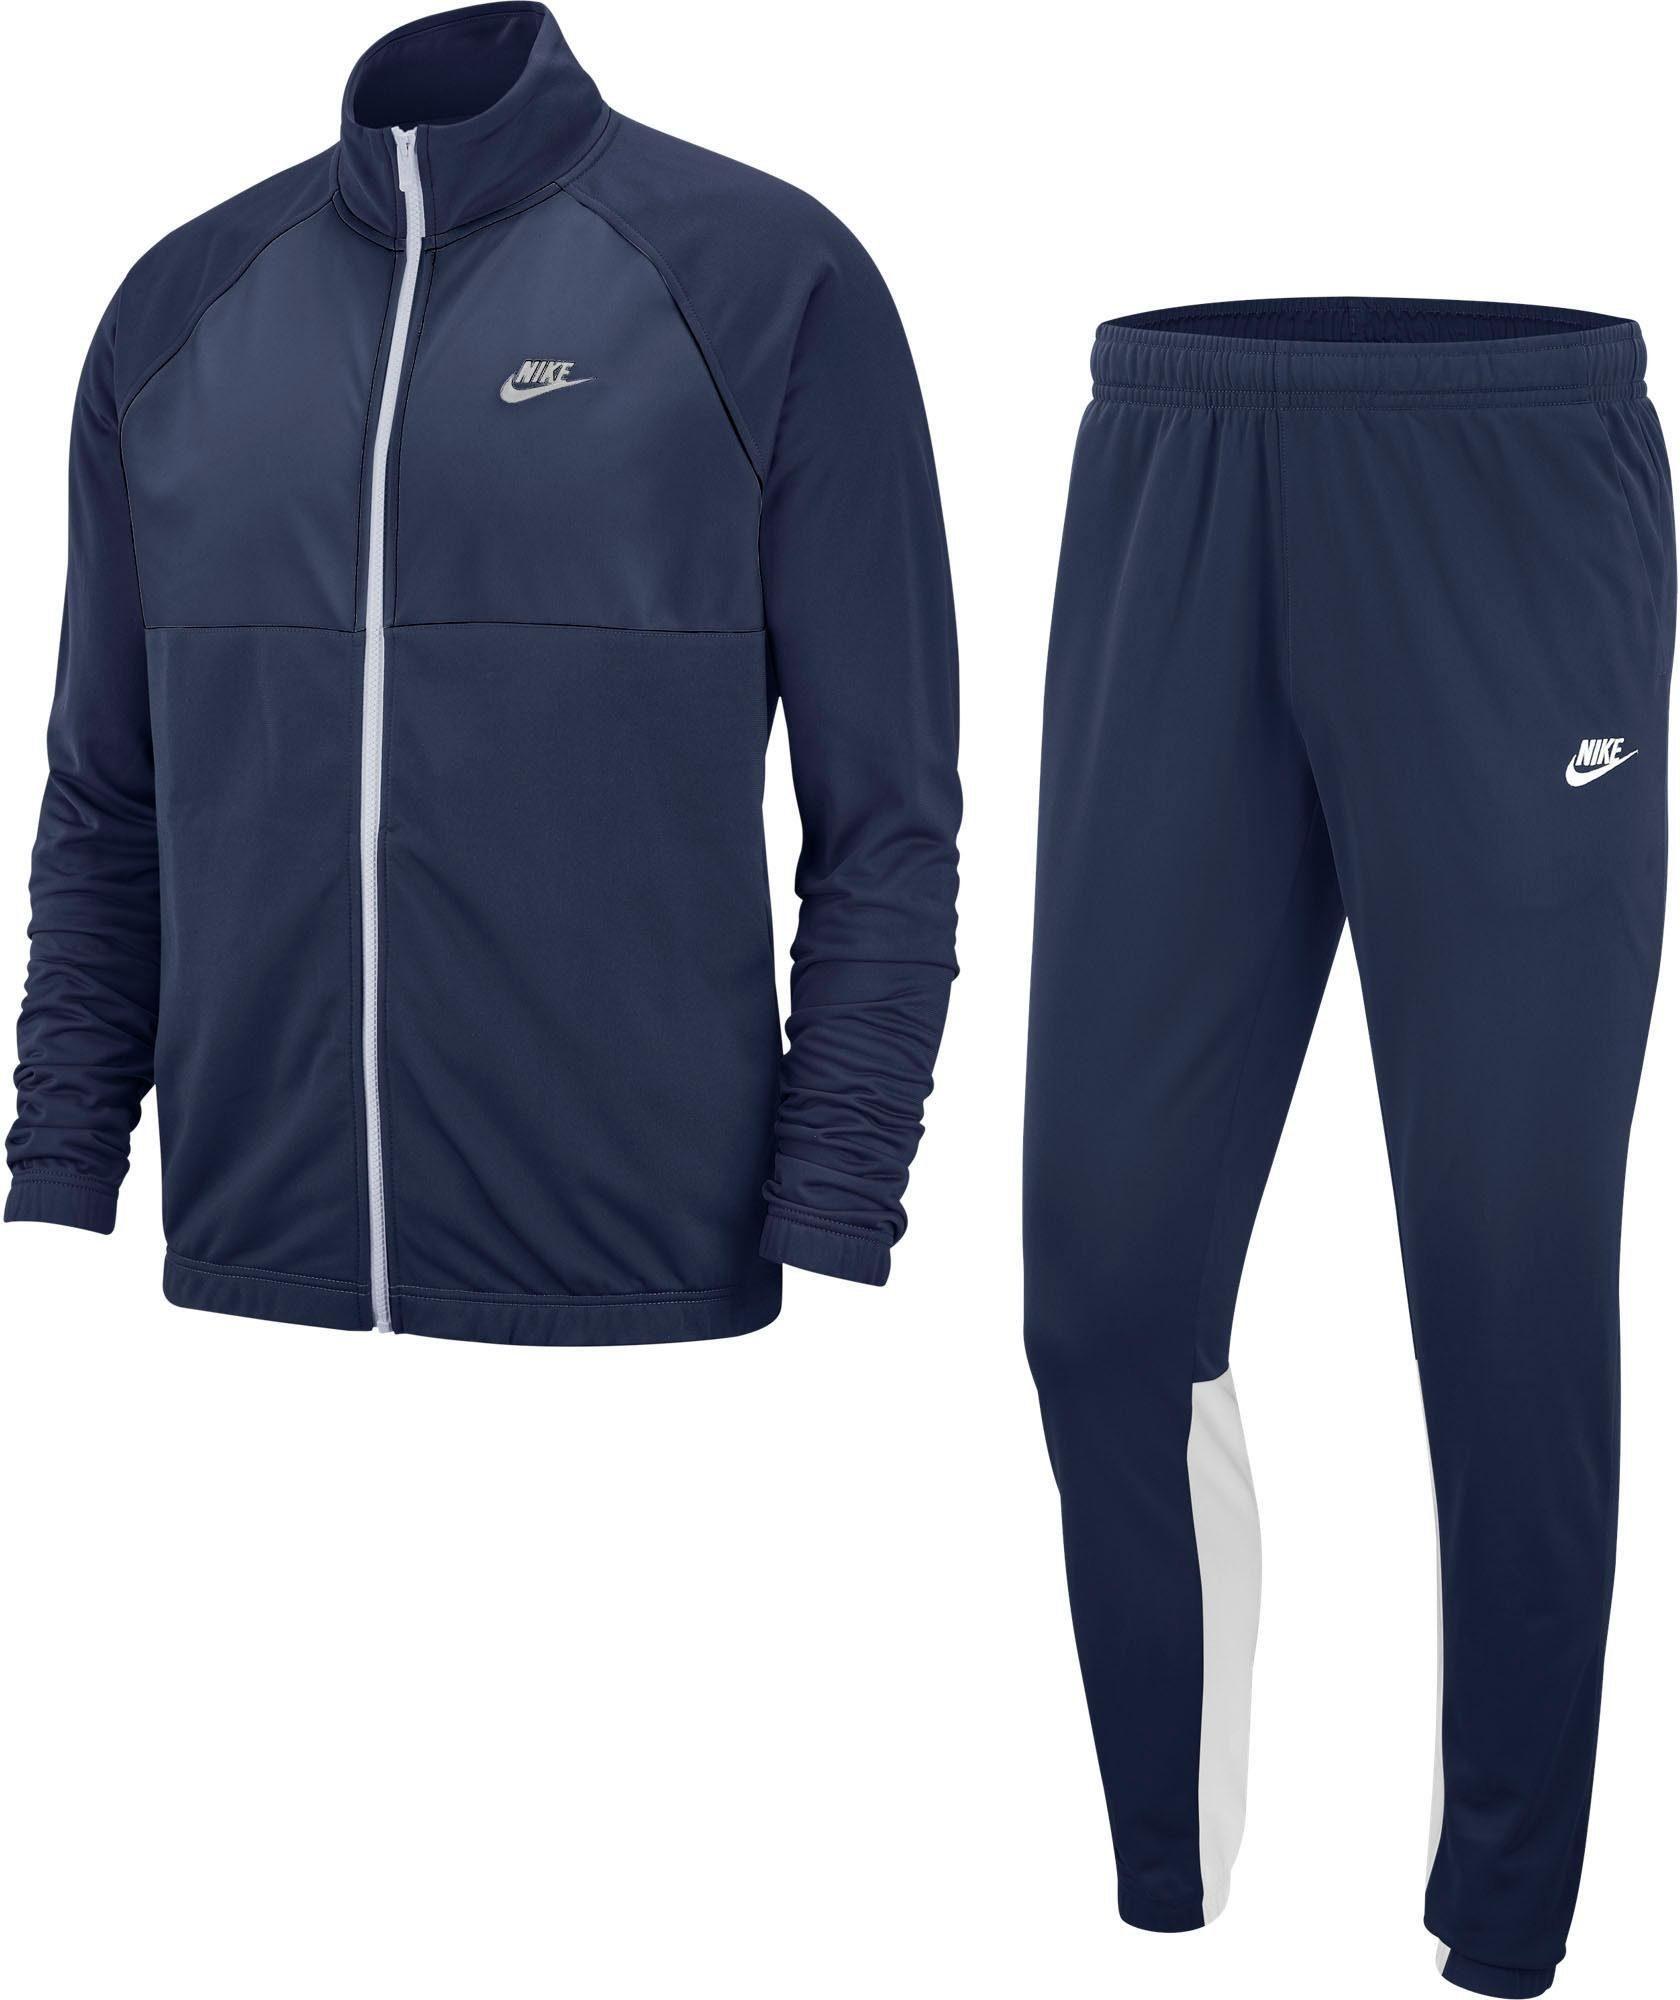 Nike Sportswear trainingspak »M NSW CE TRK SUIT PK« (2 delige set)